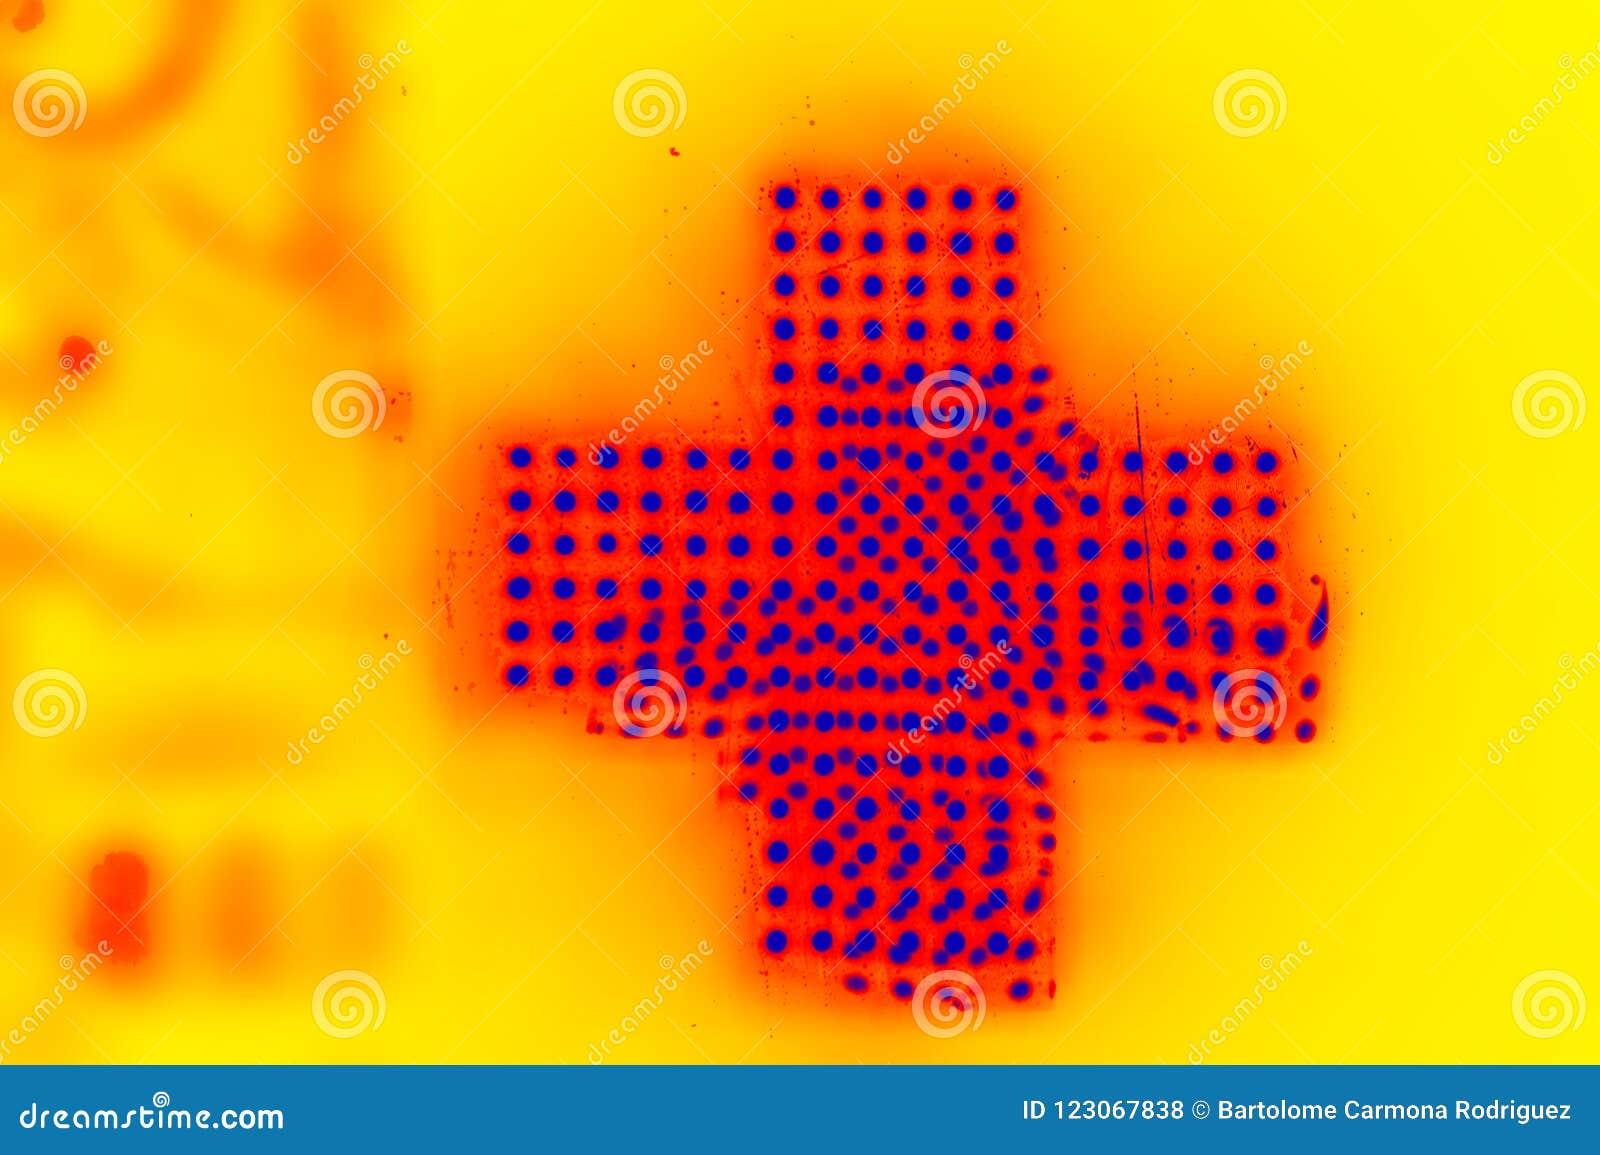 Muestra de la cruz de mucha luz de amarillo y azul de neón